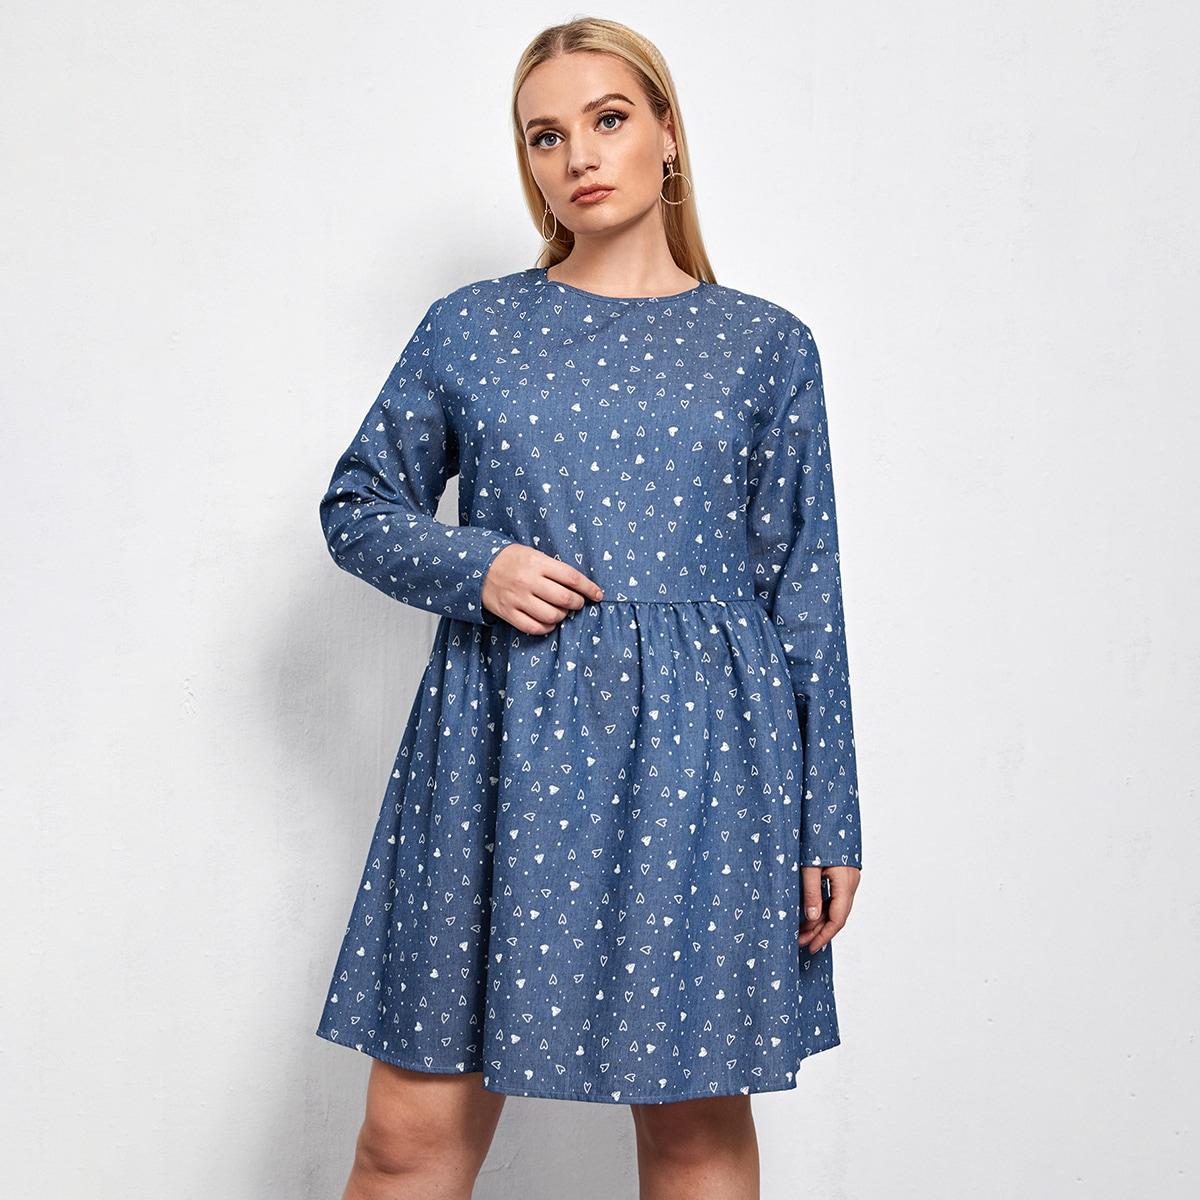 Джинсовое платье размера плюс с принтом сердечка